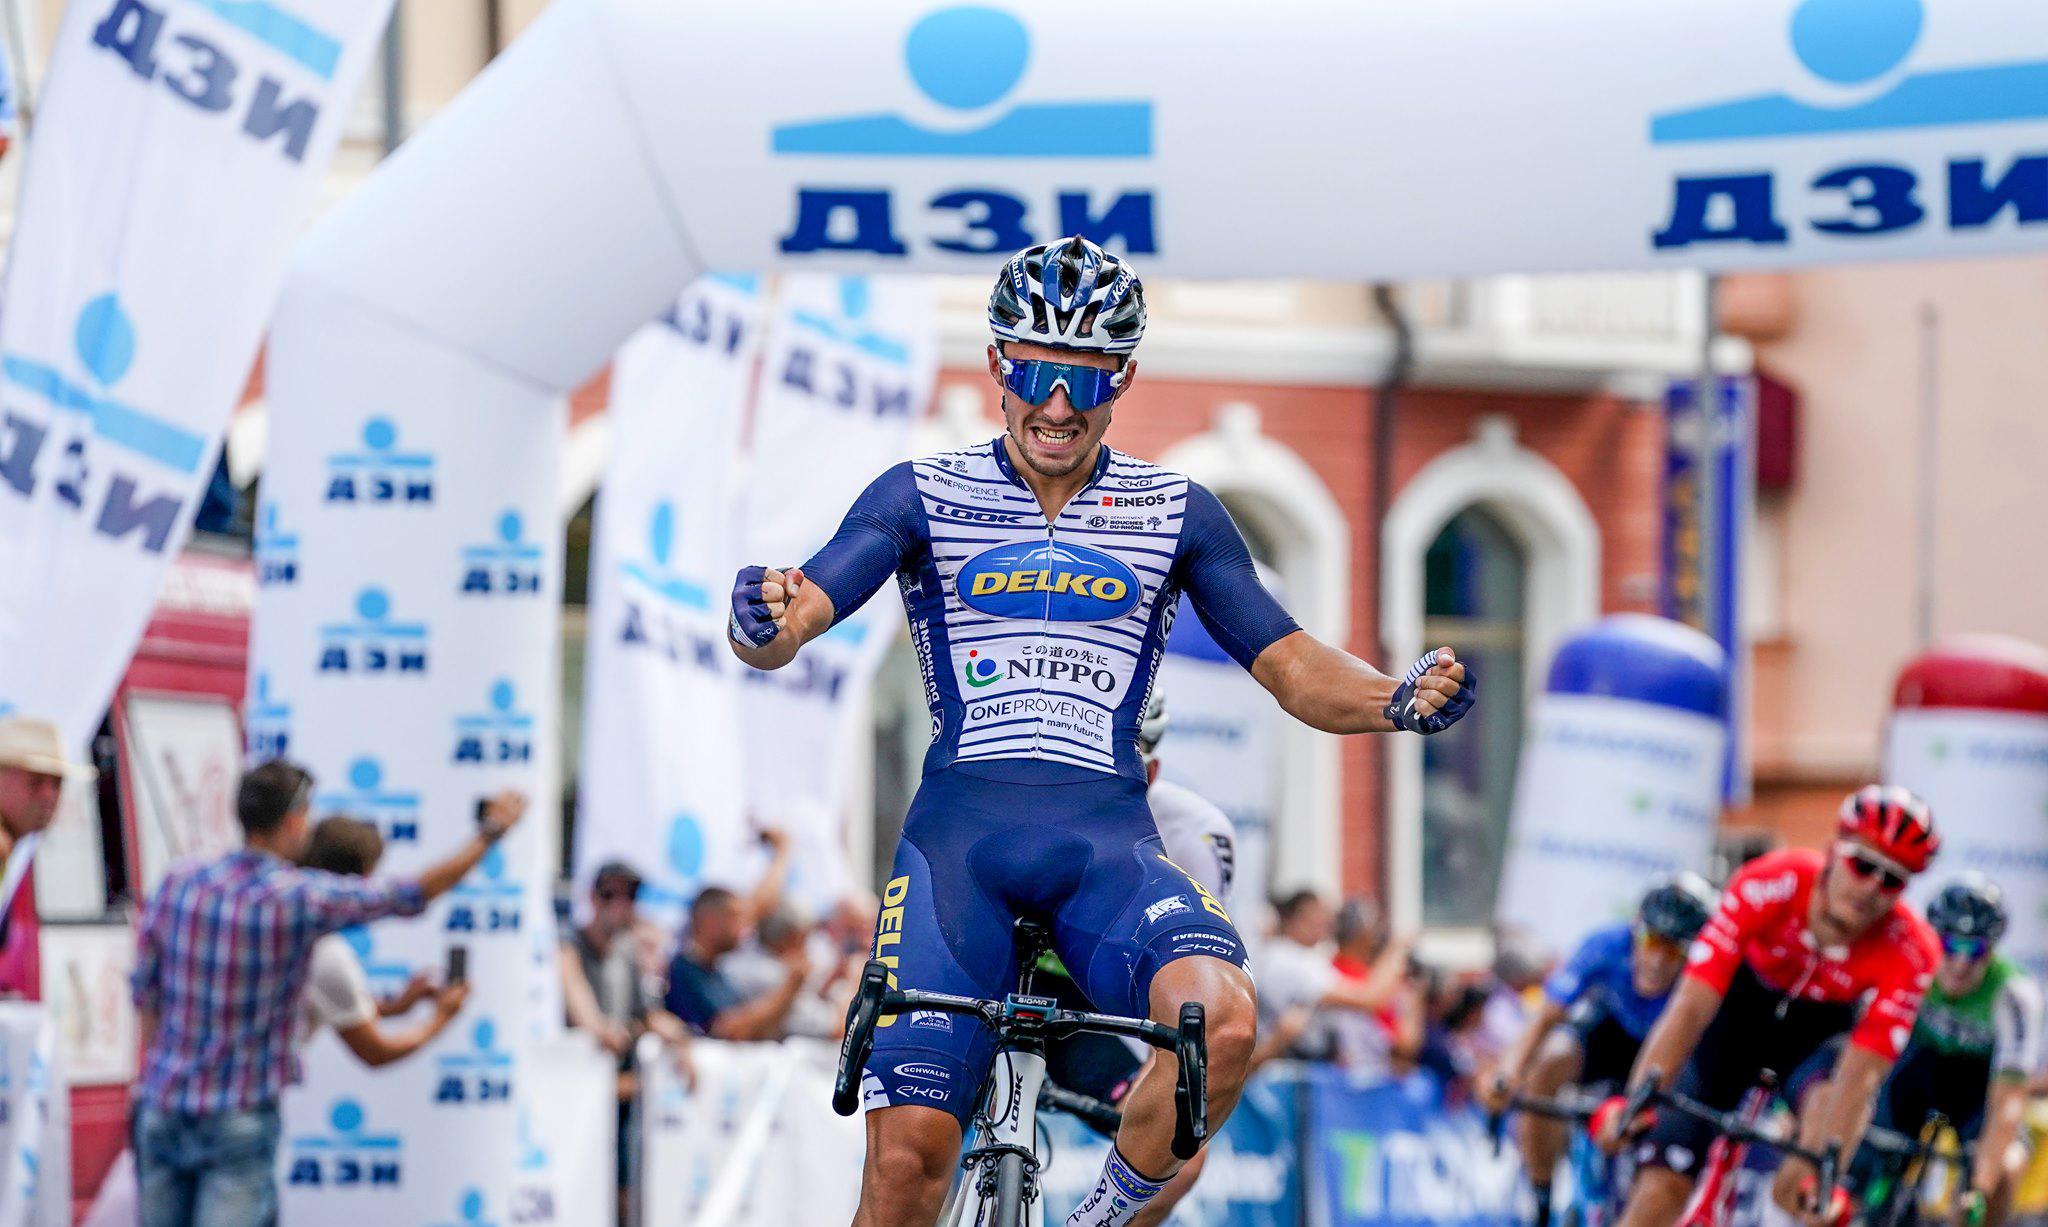 Pierre Barbier gagne la troisième étape du Tour de Bulgarie